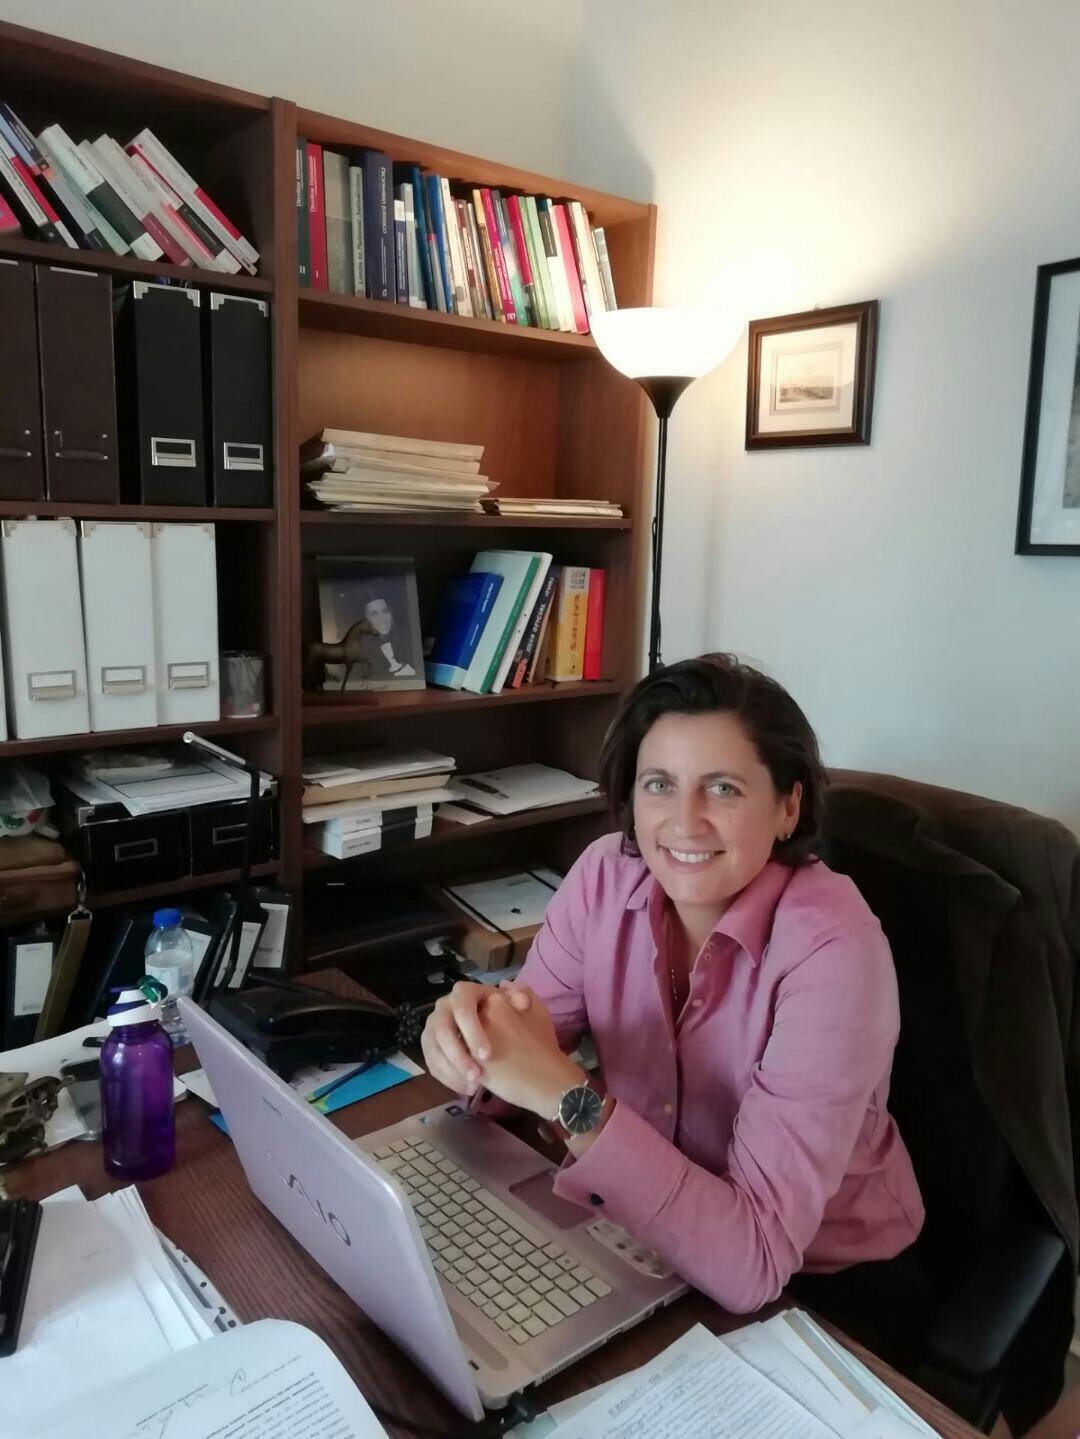 A advogada Renata Baracat estudou em Coimbra e vive em Lisboa : não sinto preconceito por ser lésbica